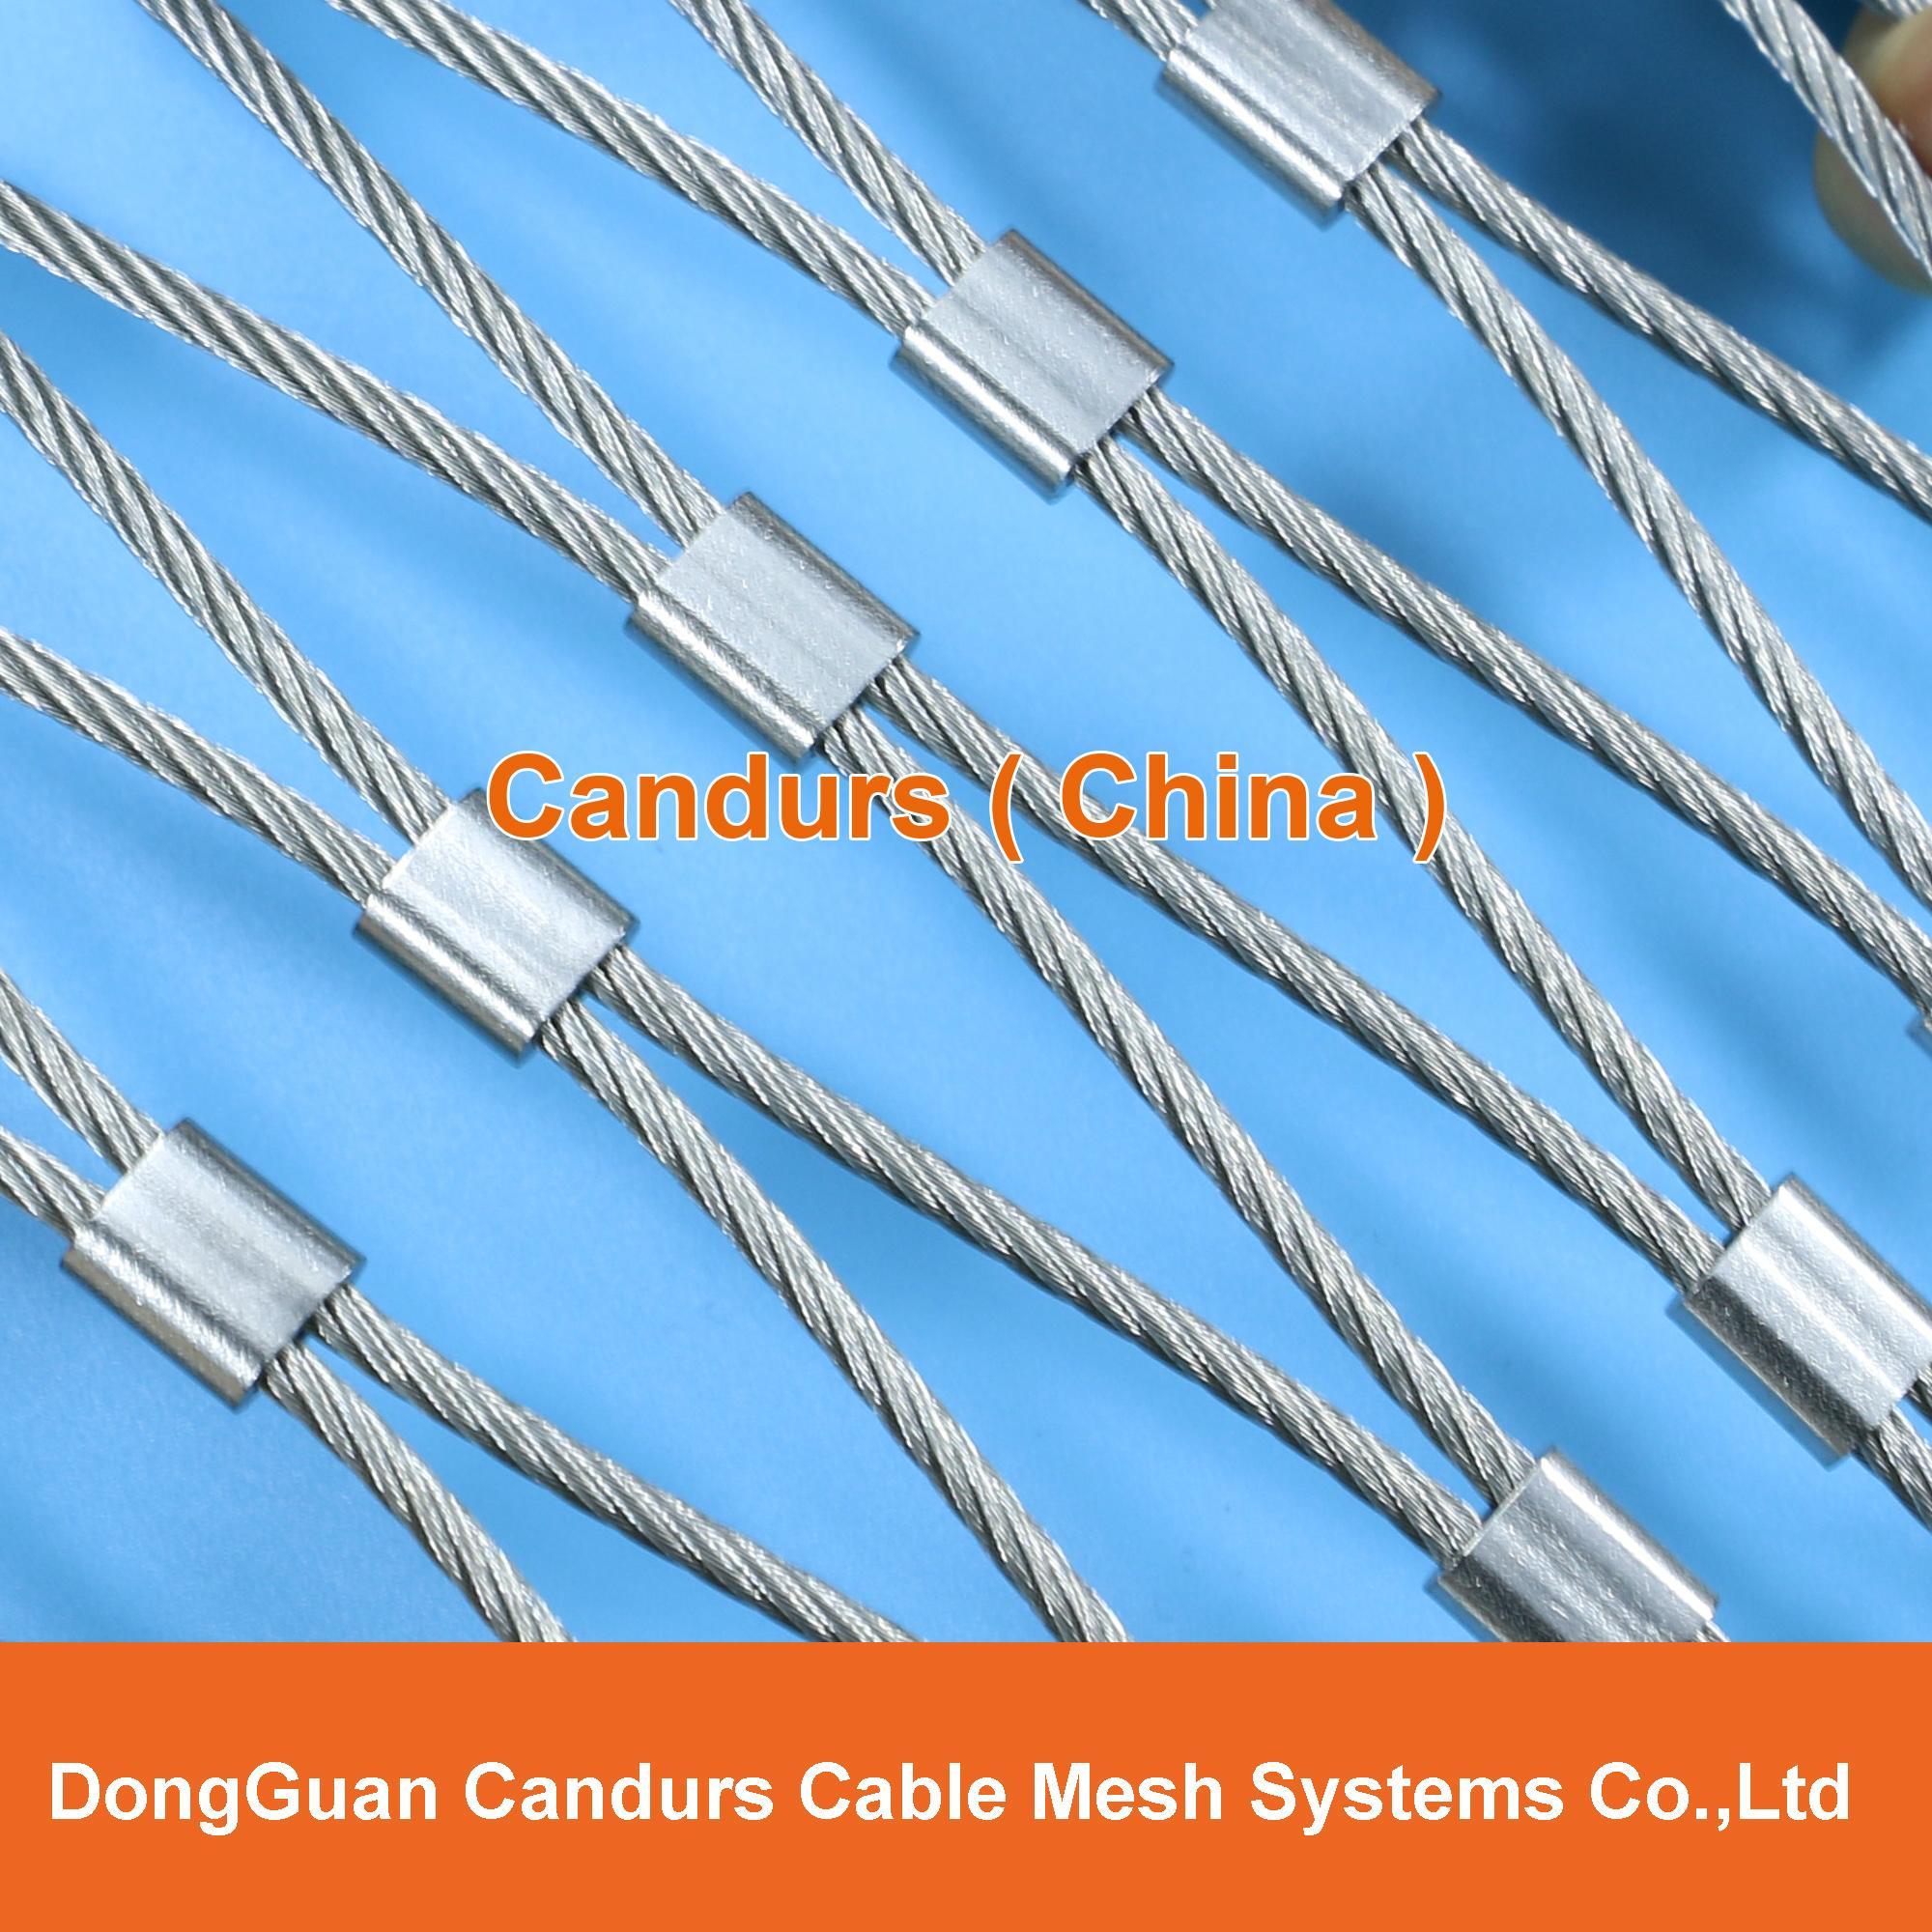 昌達不鏽鋼絲繩網——美標316不鏽鋼繩網 9